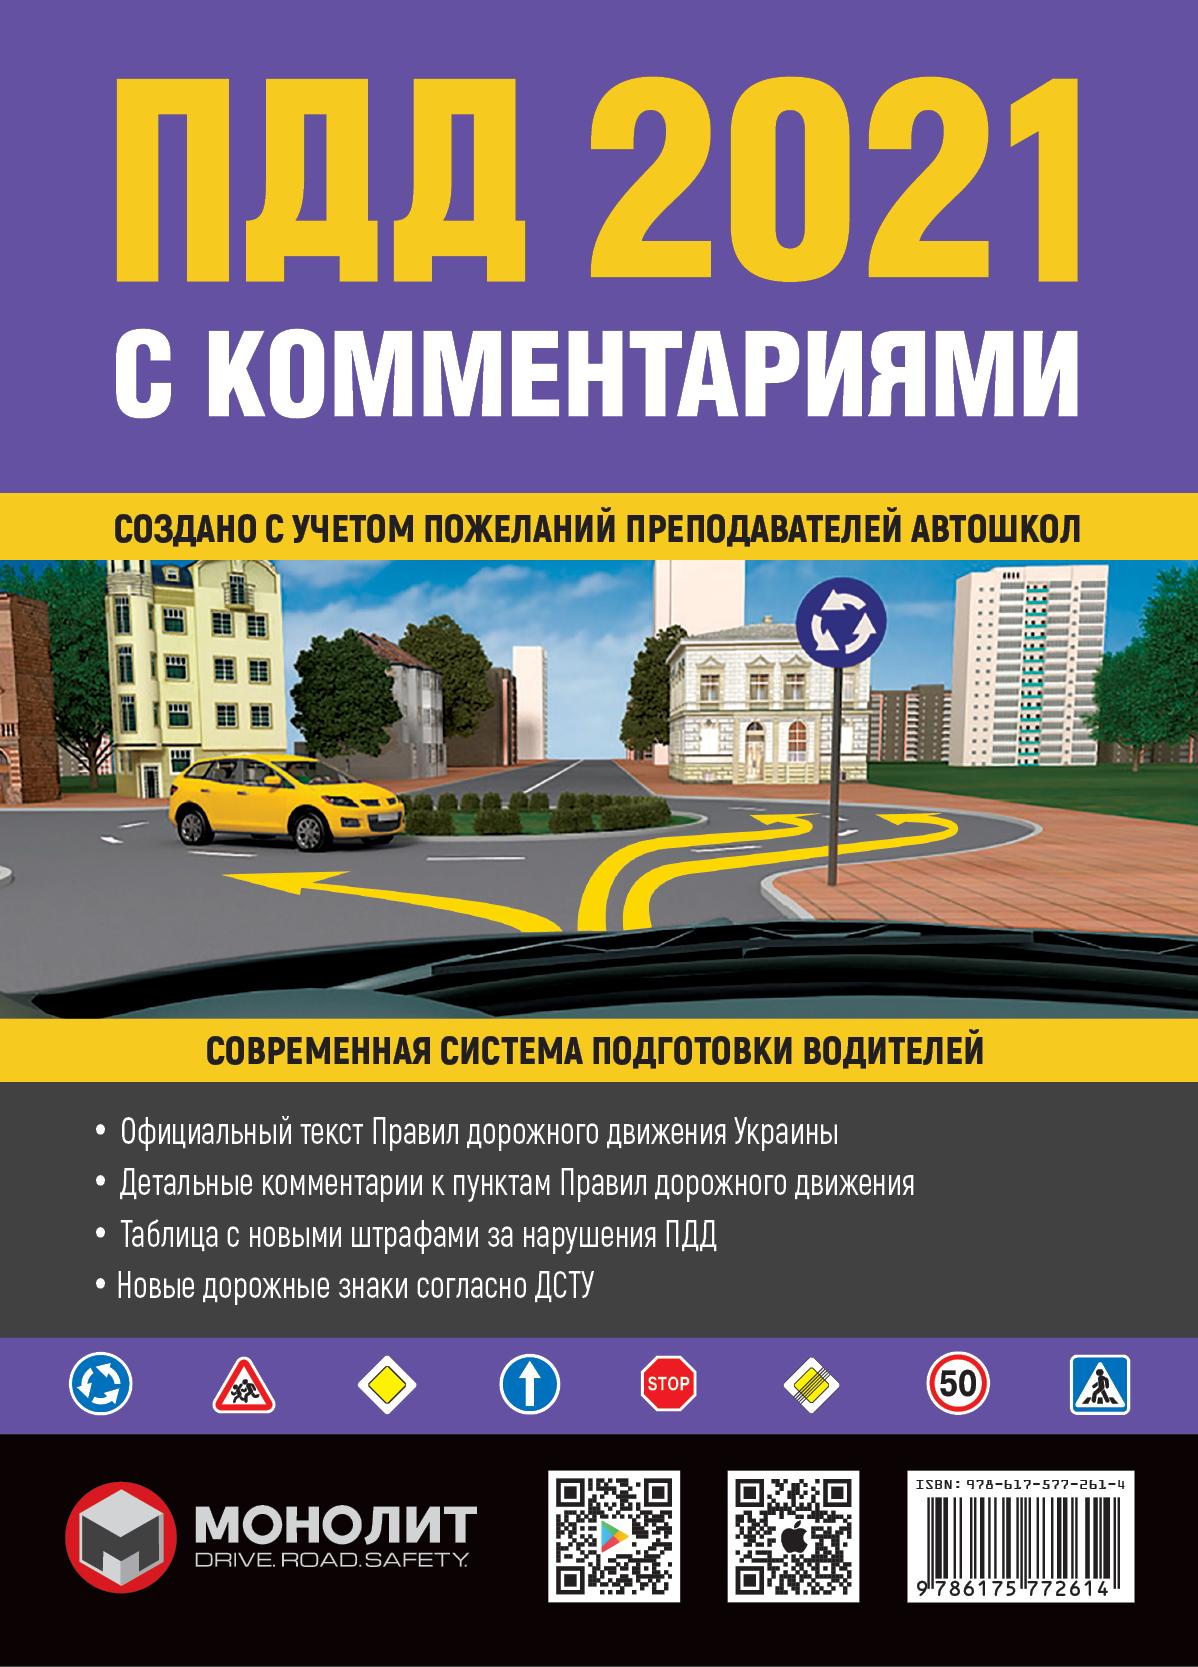 ПДД 2021 с комментариями и иллюстрациями